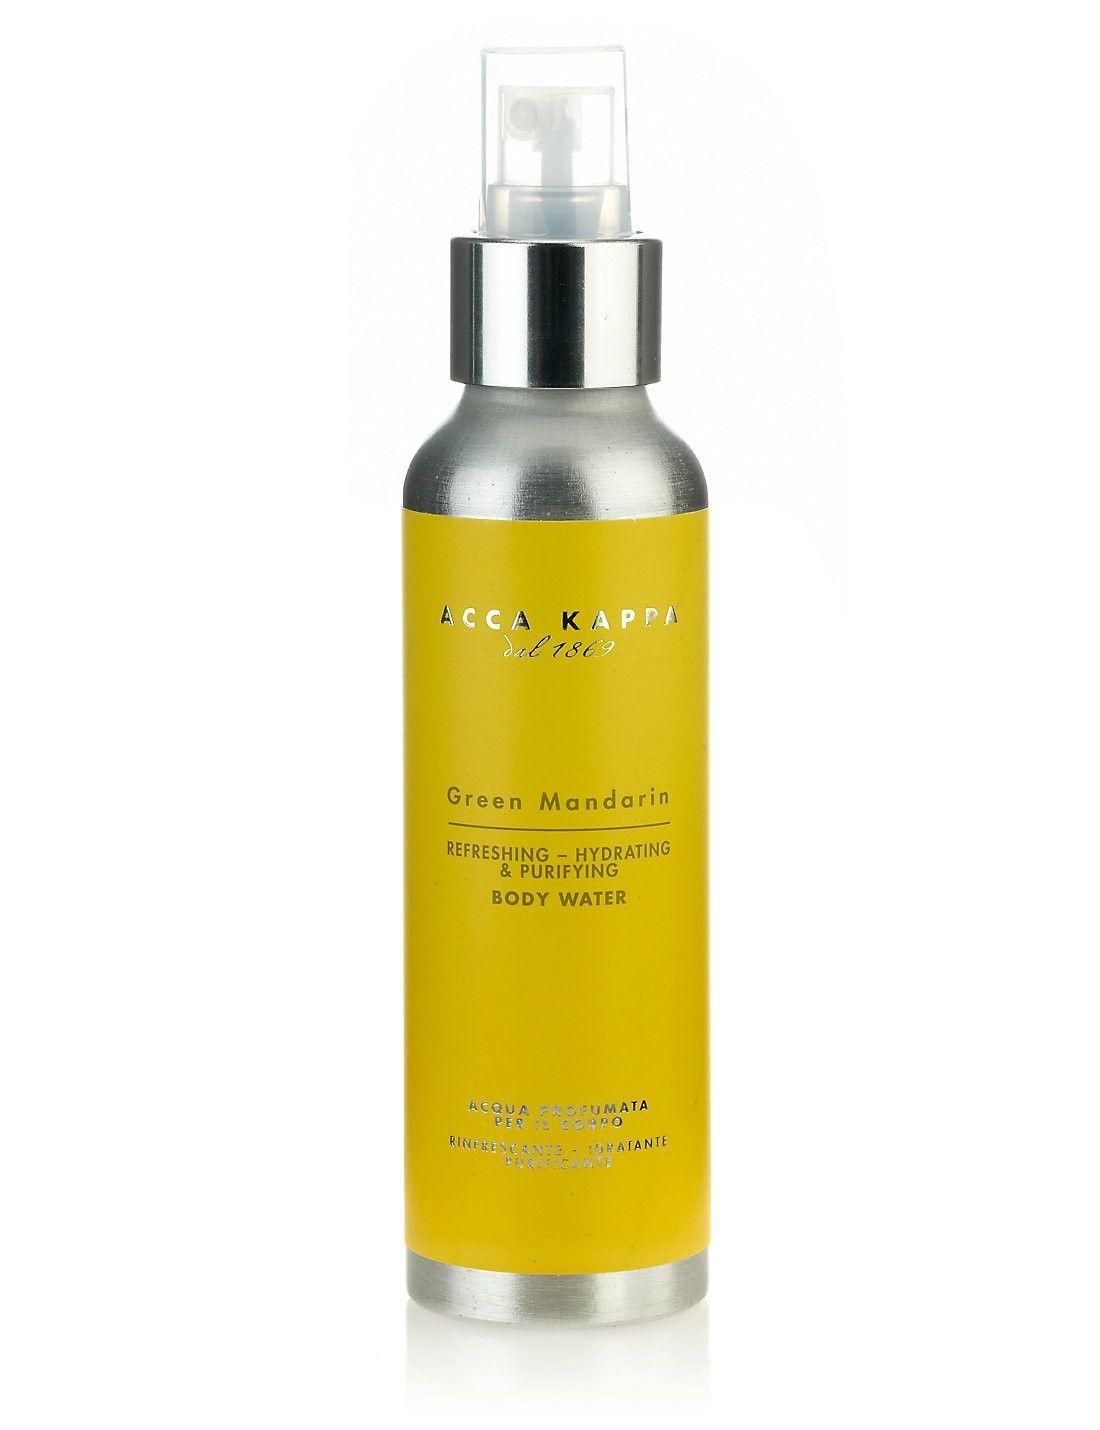 Acca Kappa Green Mandarin Replenishing Body Water